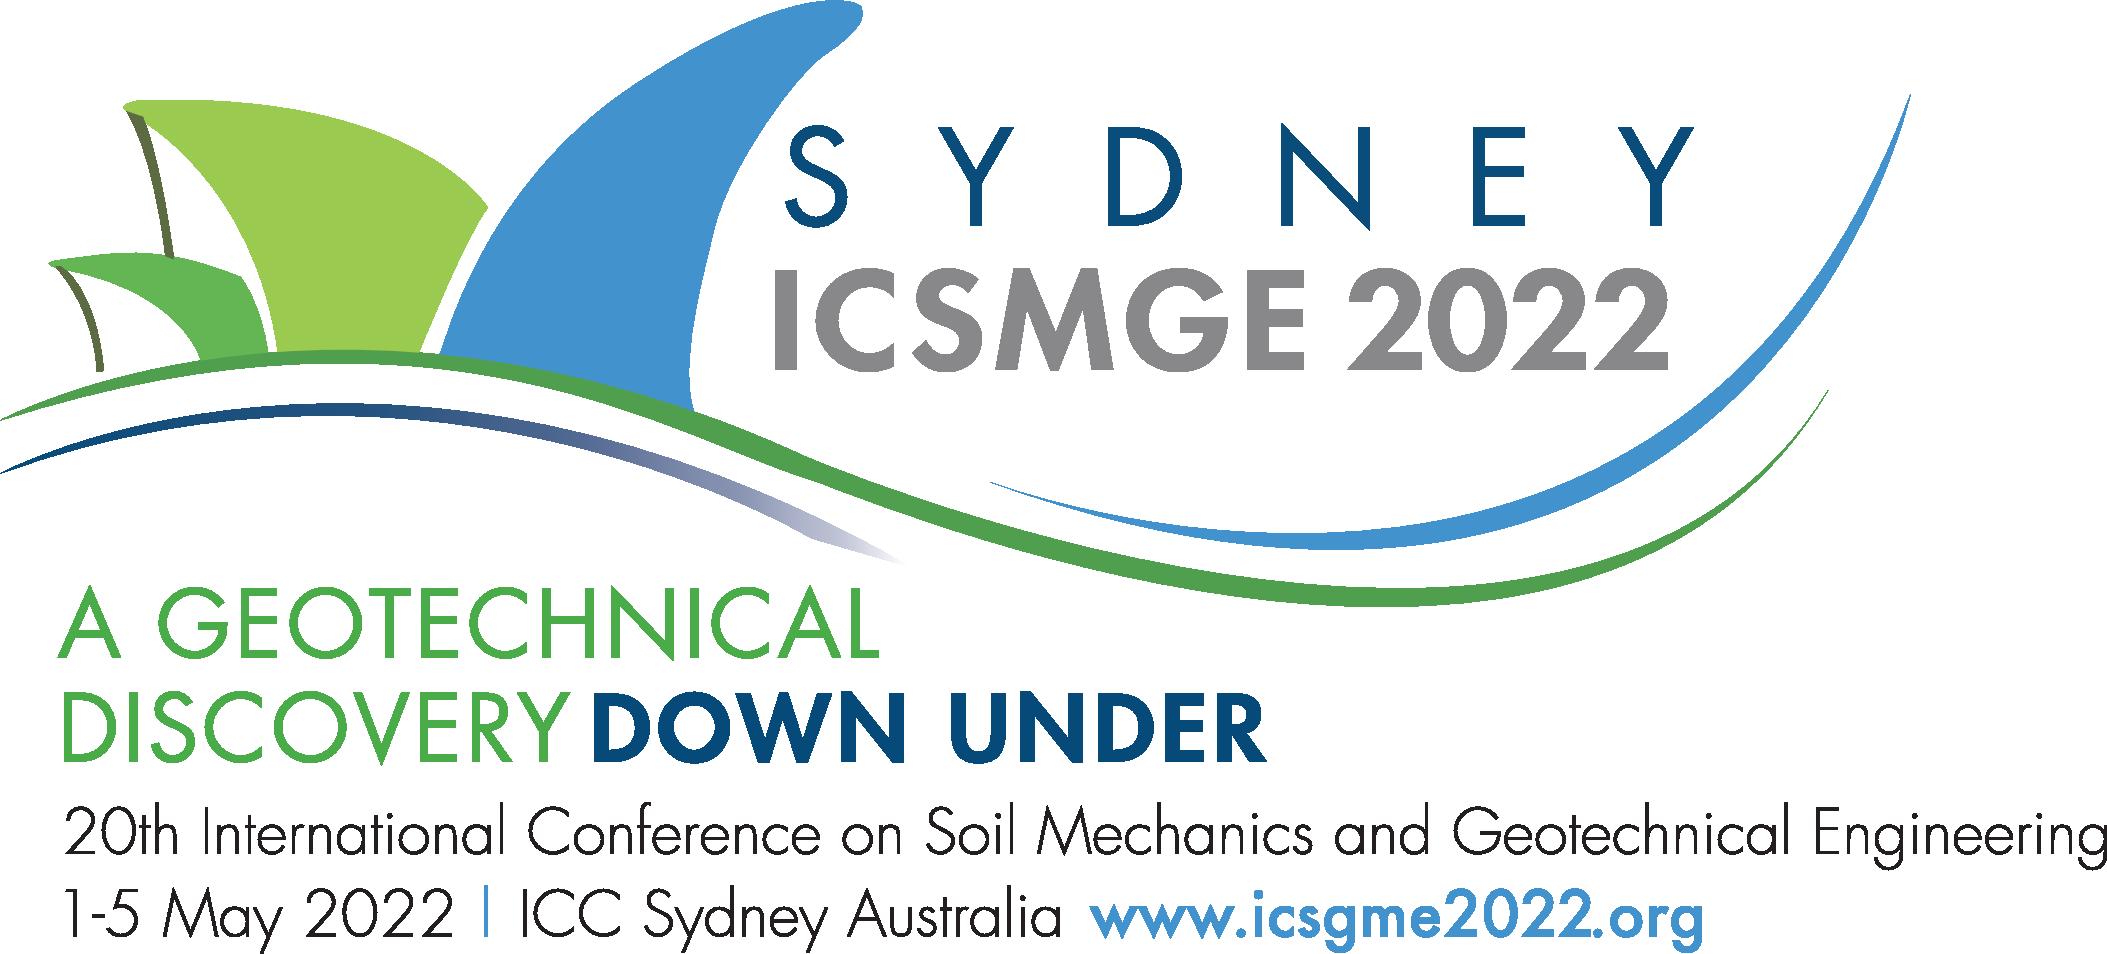 ICSMGE2022_Sydney